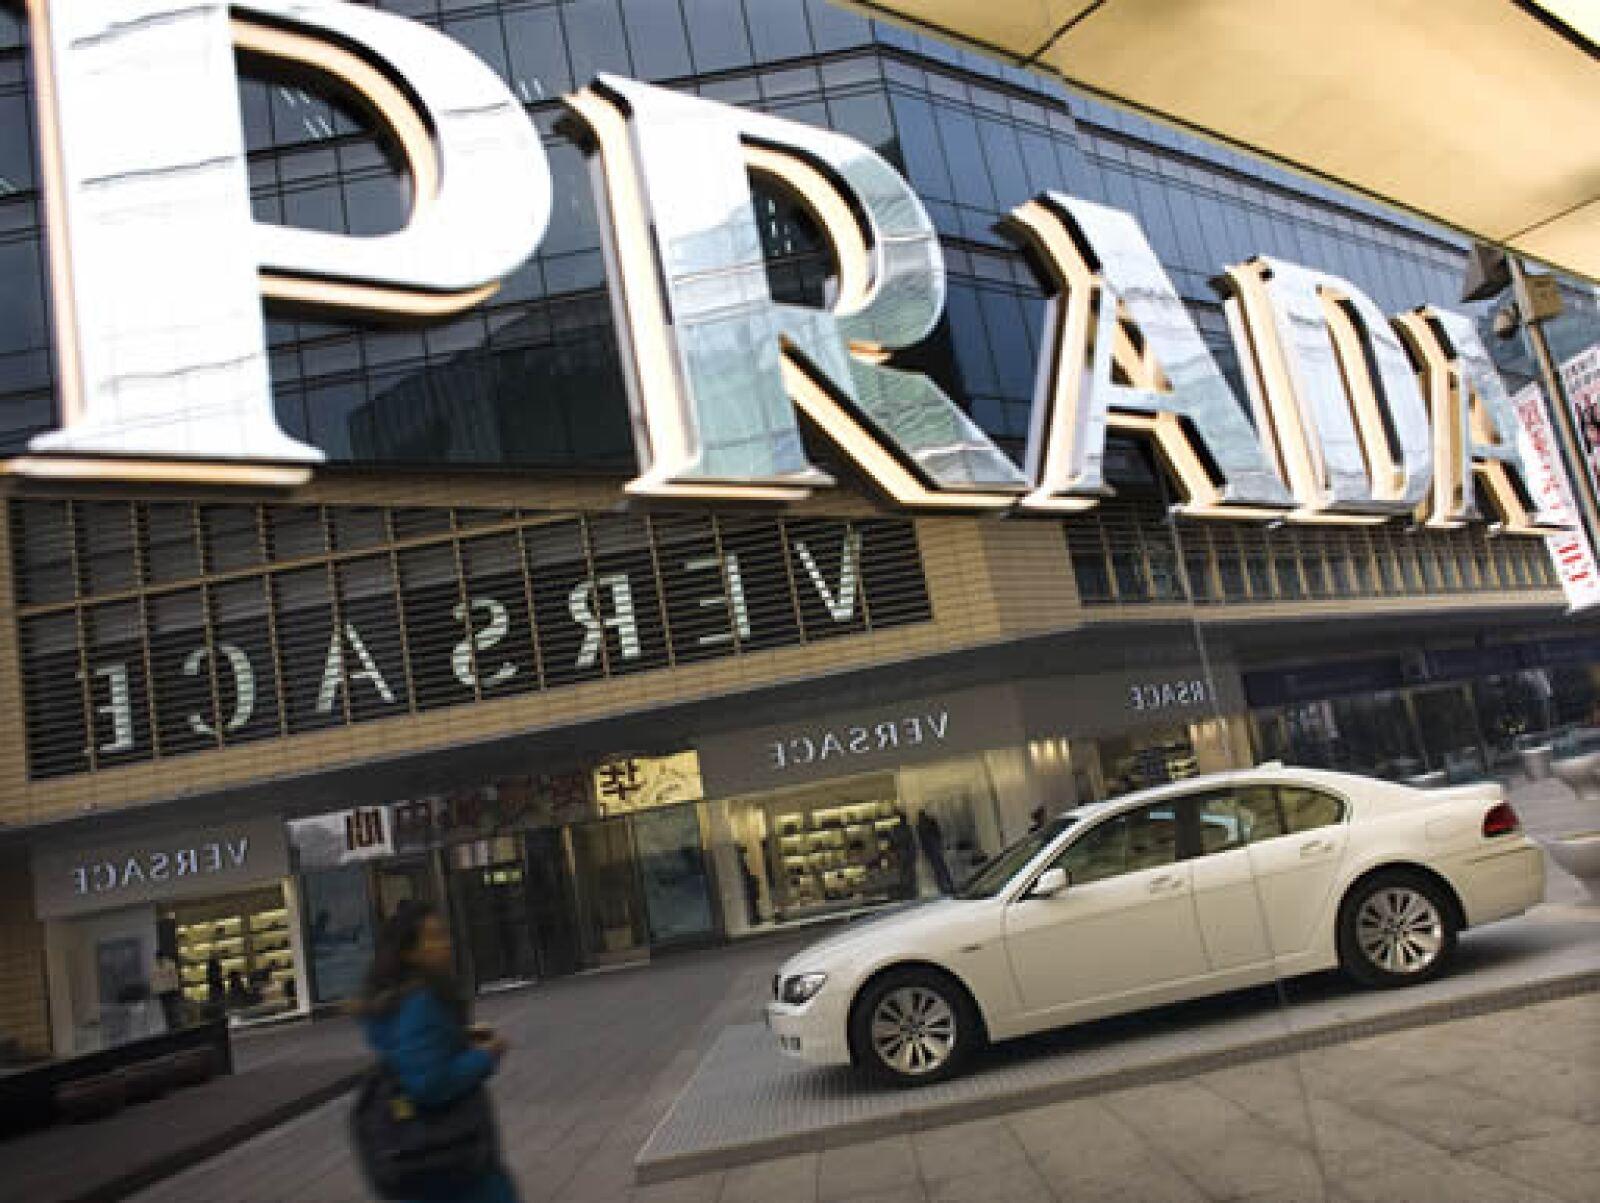 Boutiques de lujo como Prada y Versace, y autos deportivos, adornan las calles de Pekín.